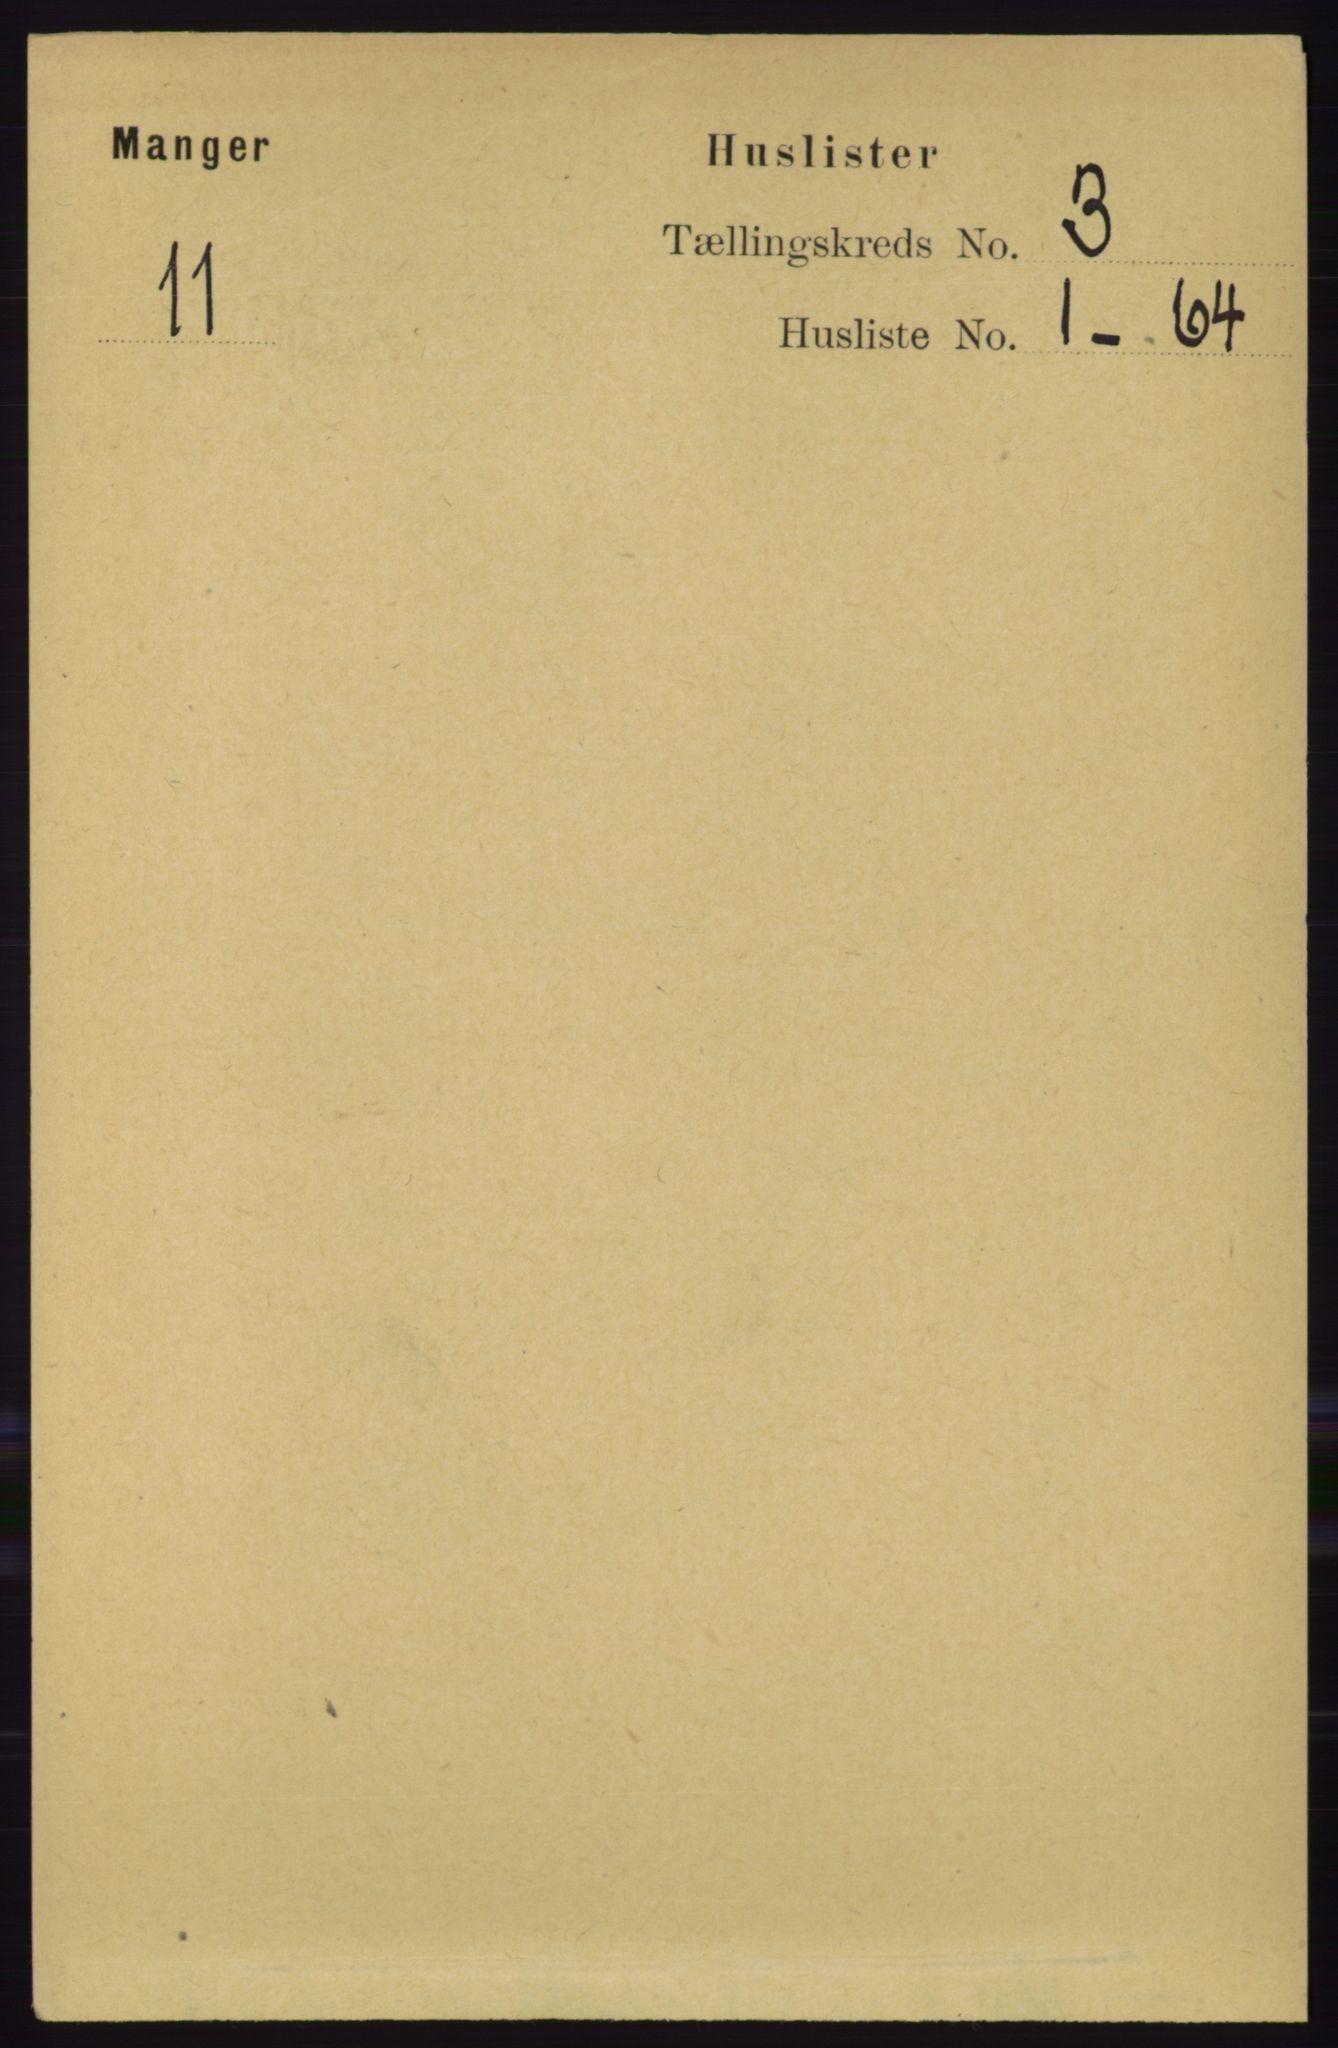 RA, Folketelling 1891 for 1261 Manger herred, 1891, s. 1342